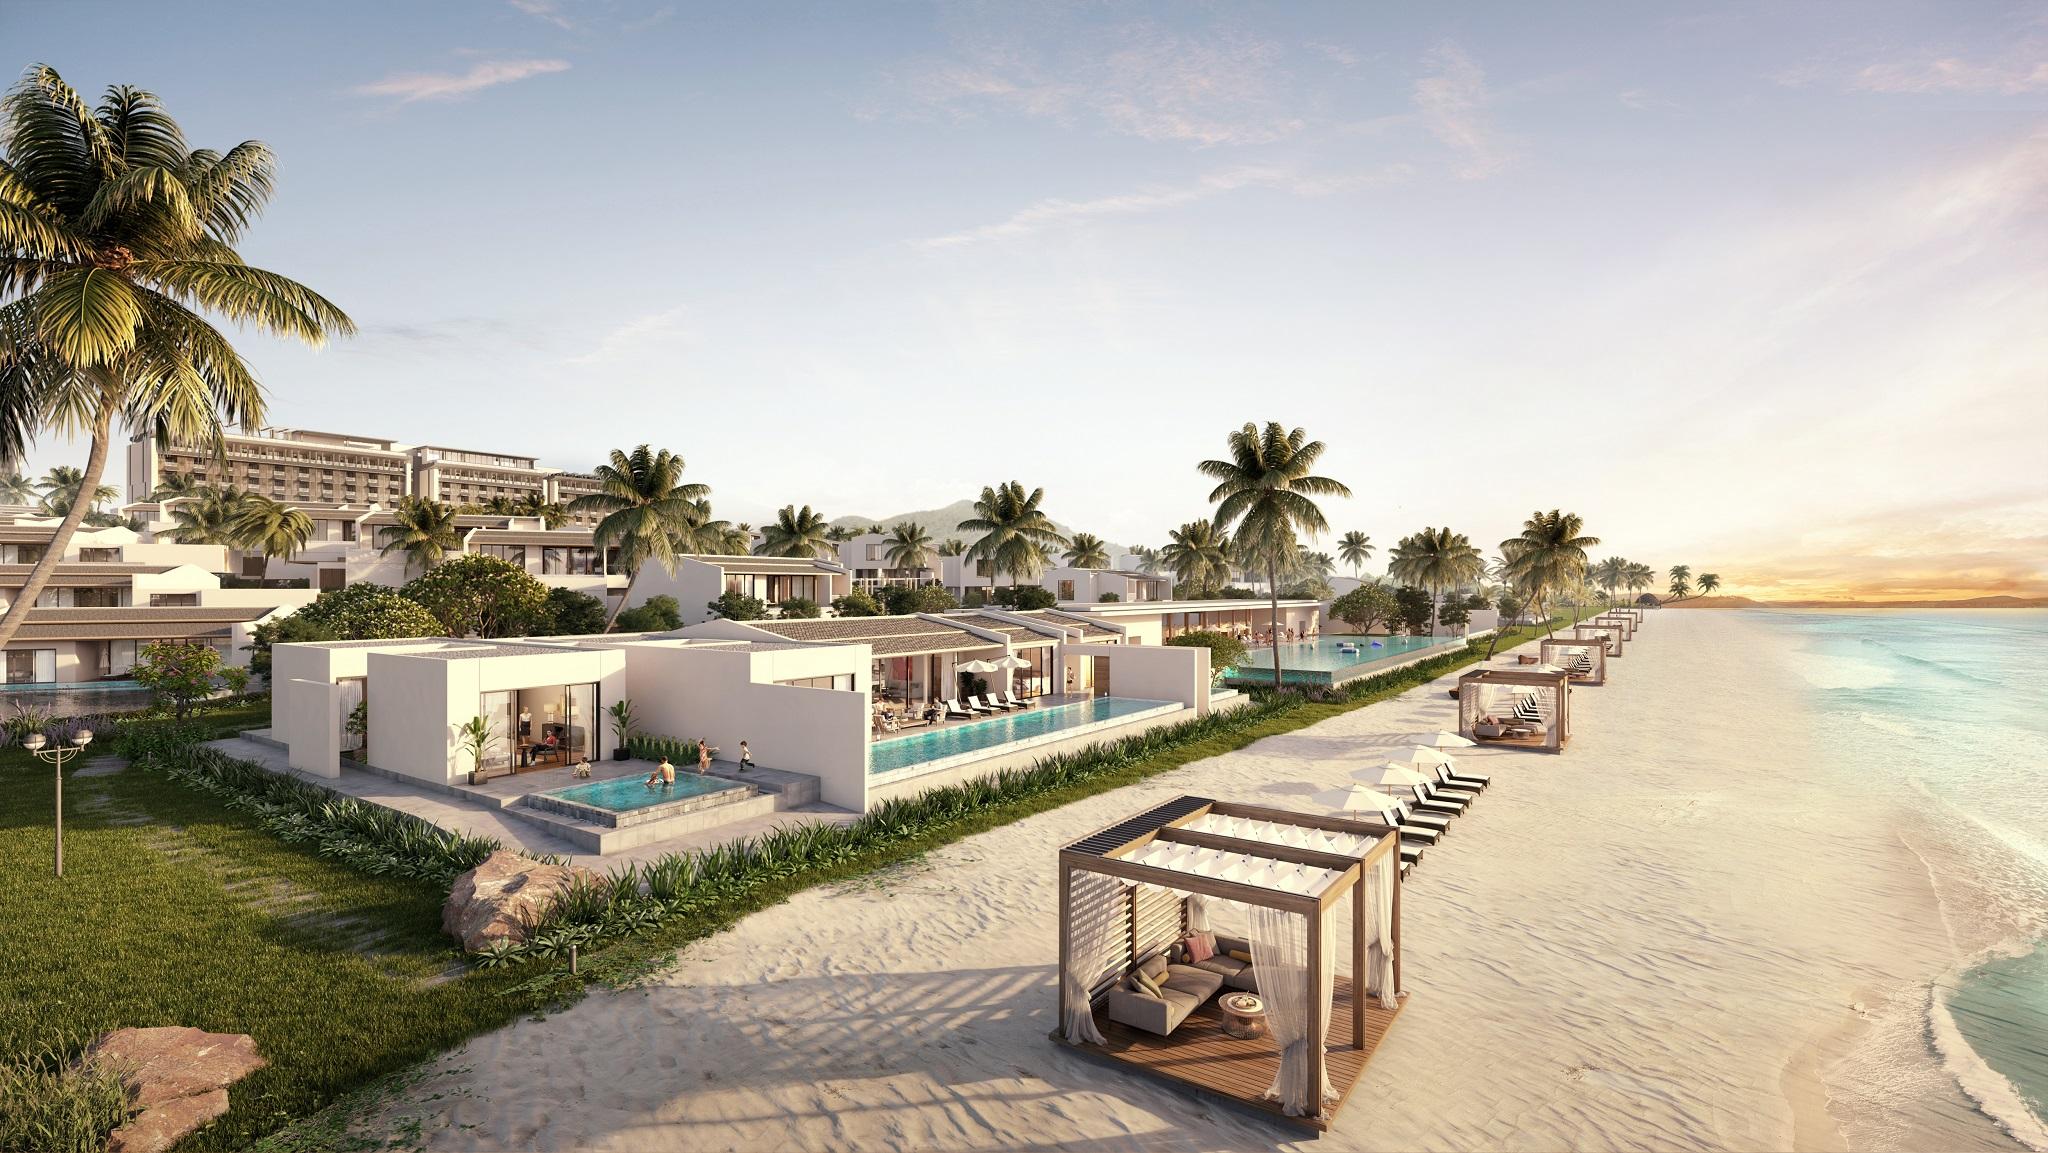 Xu hướng bất động sản 2020: Mô hình phức hợp nghỉ dưỡng và giải trí lên ngôi  - Ảnh 2